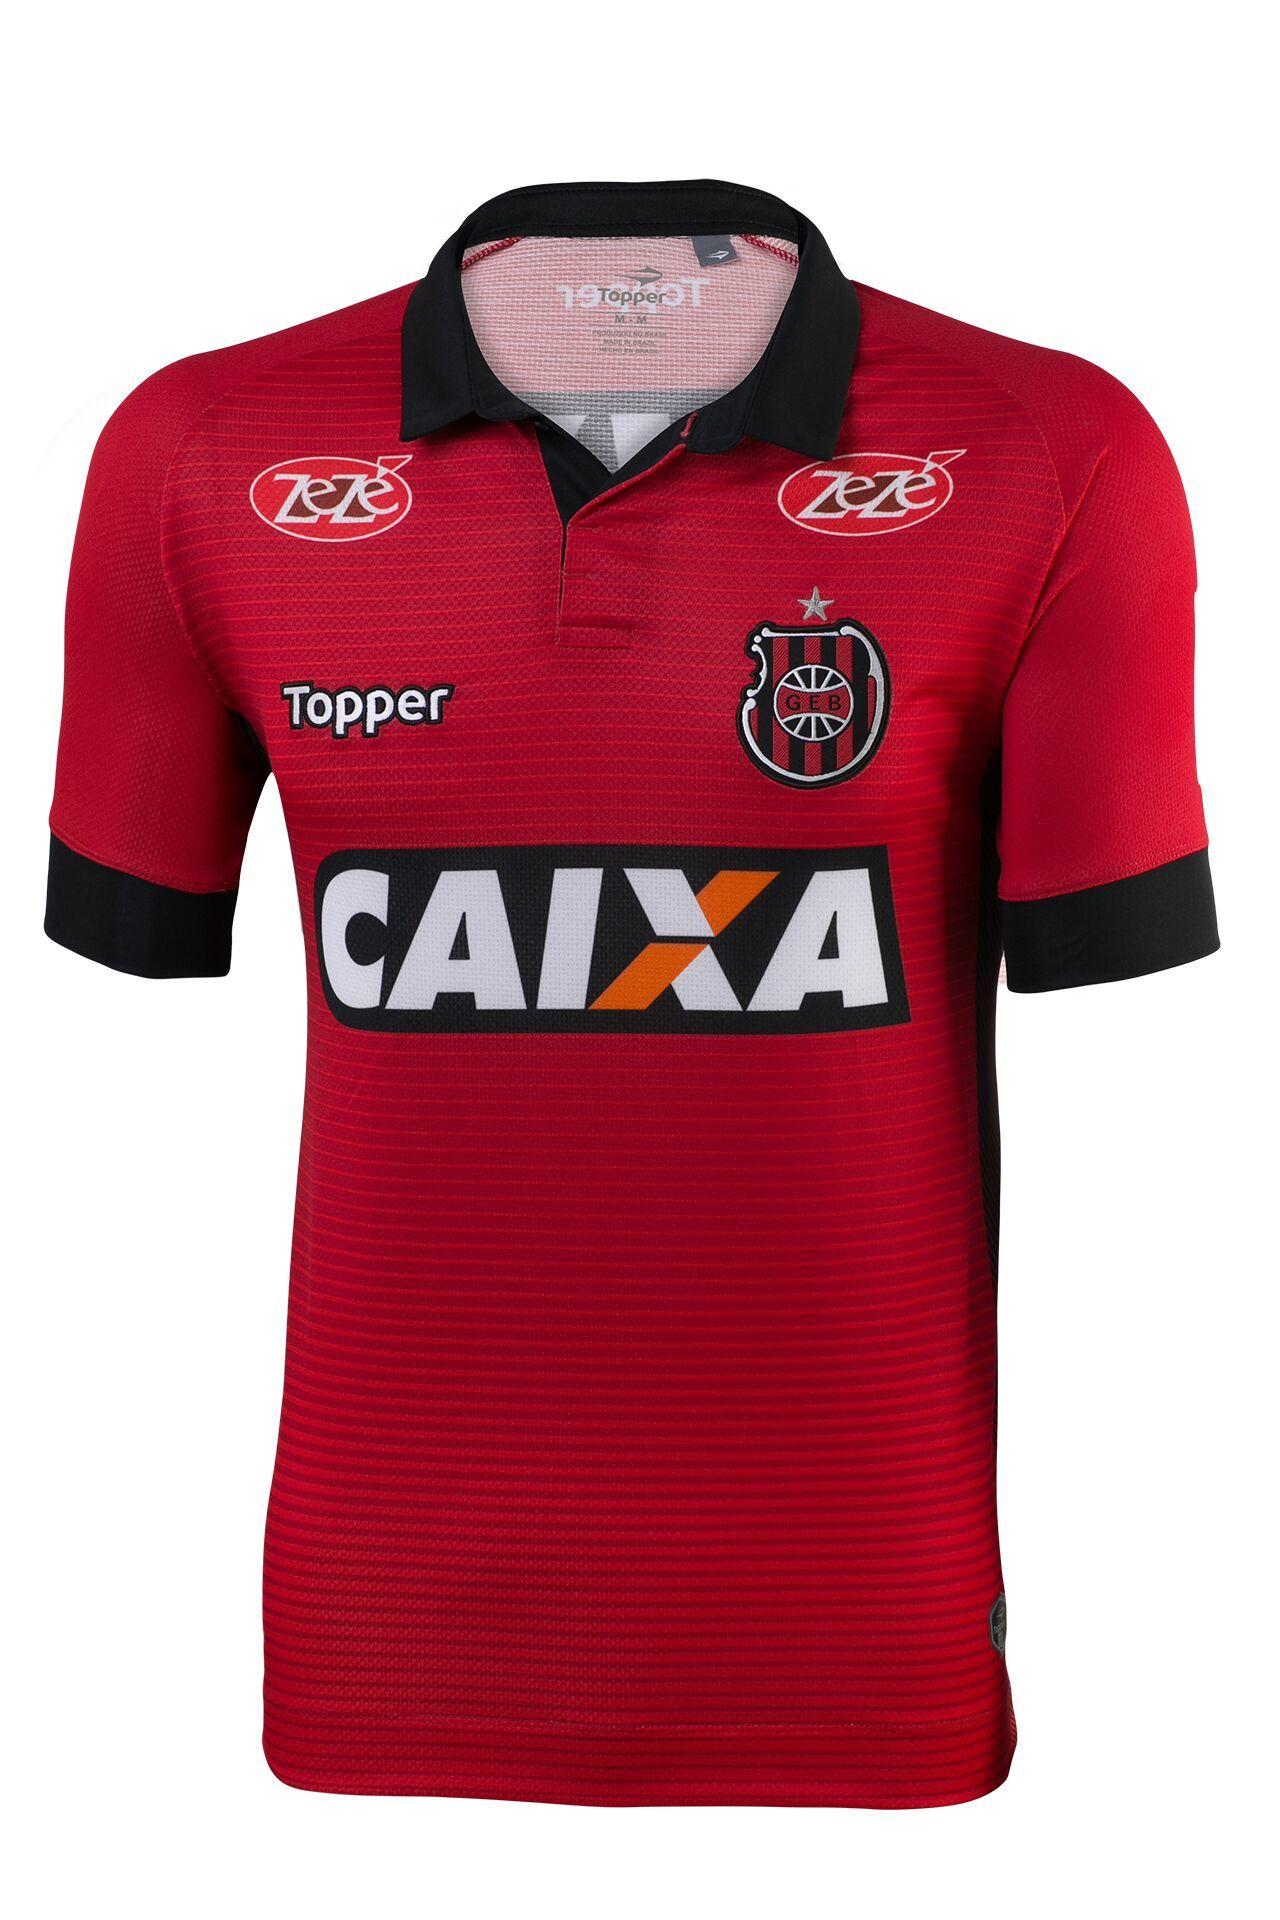 da4dfdc729a01 Brasil de Pelotas lança novas camisas 1 e 2 para 2017 18